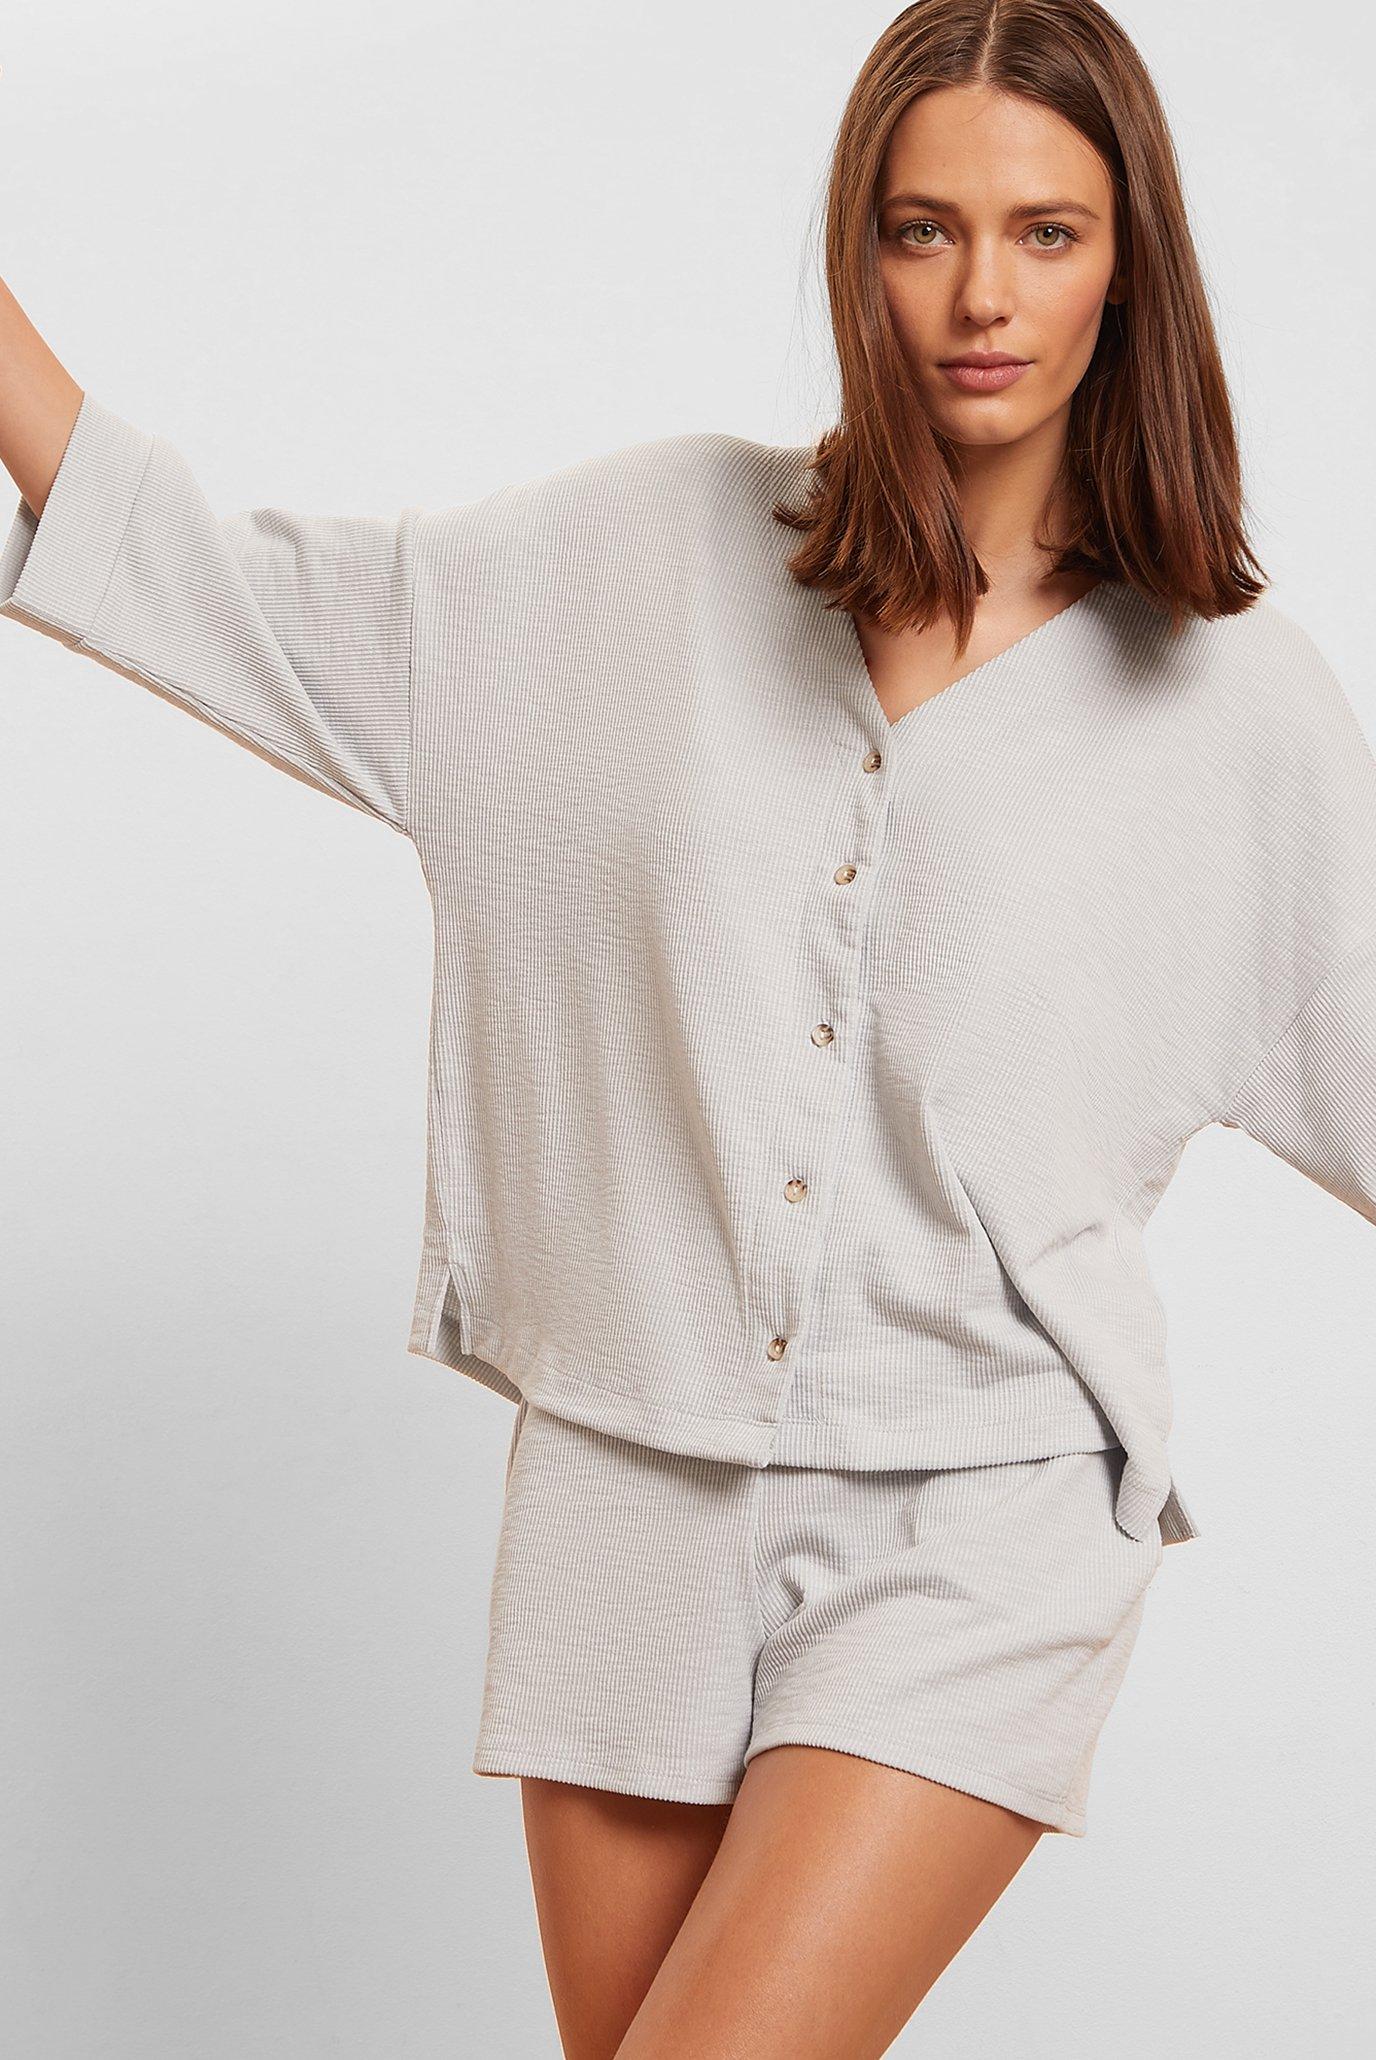 Женская светло-серая рубашка короткий рукав AGATHA 1